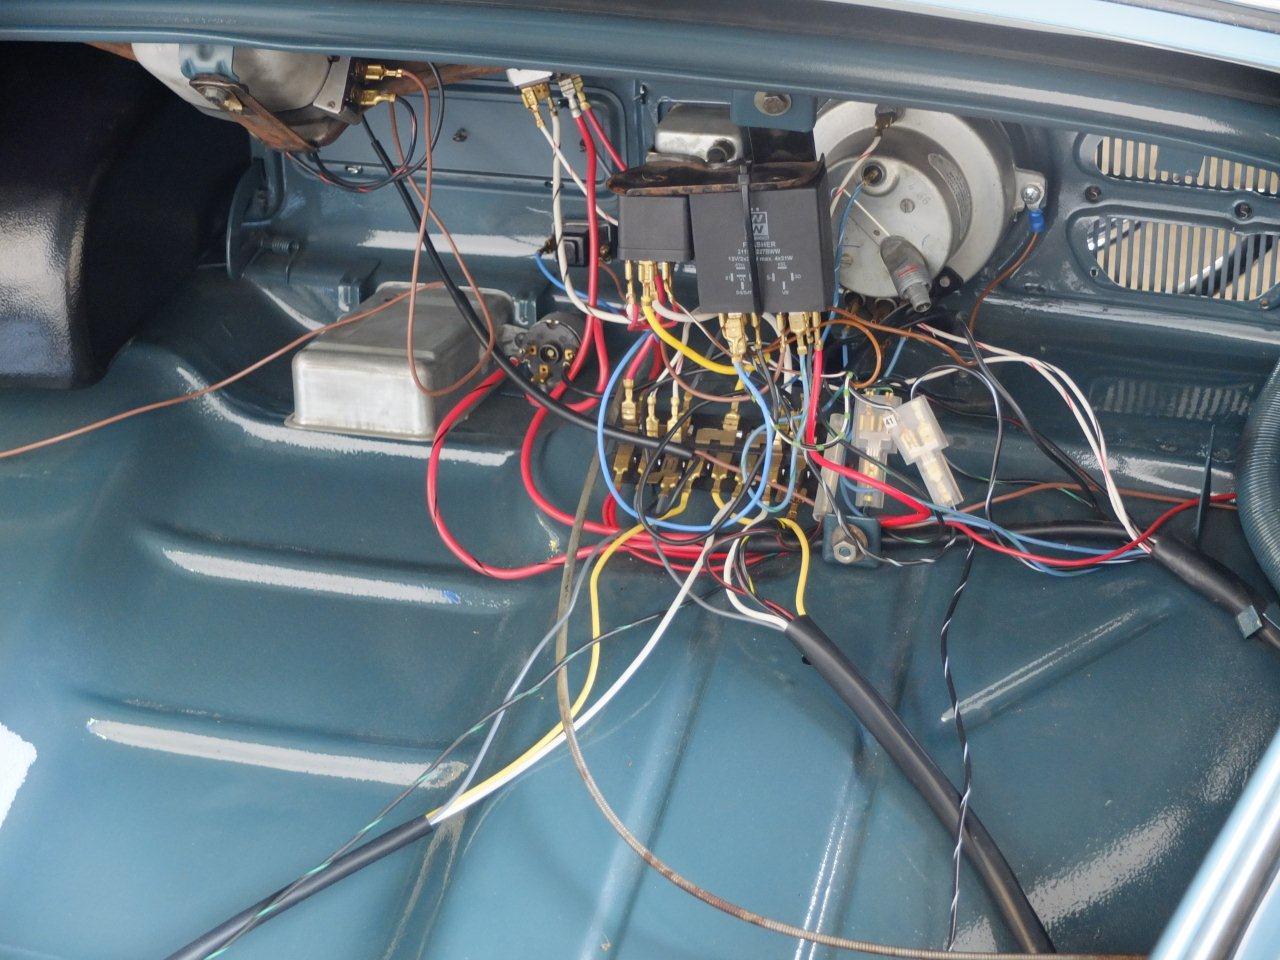 Astounding 1971 Vw Bug Wiring Harness Basic Electronics Wiring Diagram Wiring Cloud Monangrecoveryedborg